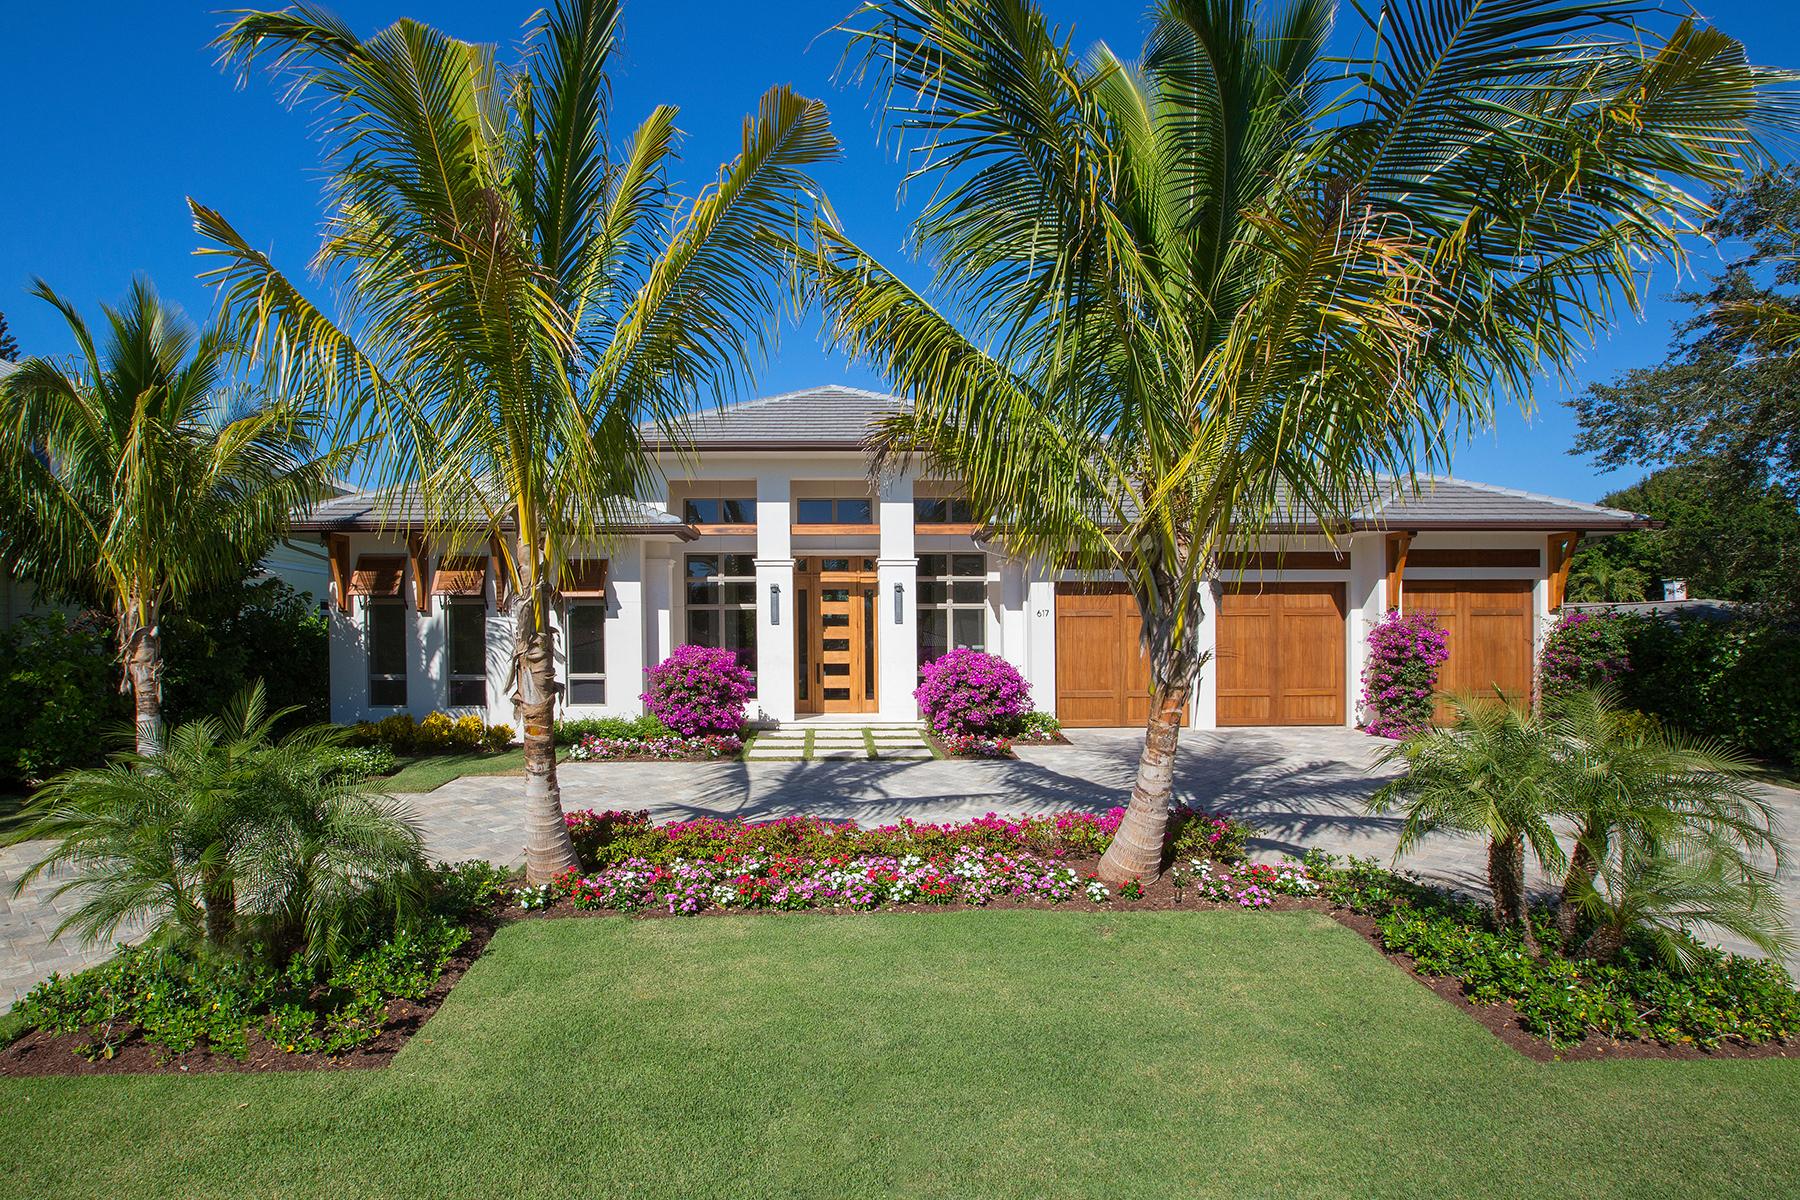 단독 가정 주택 용 매매 에 MOORINGS 617 Binnacle Dr Naples, 플로리다, 34103 미국